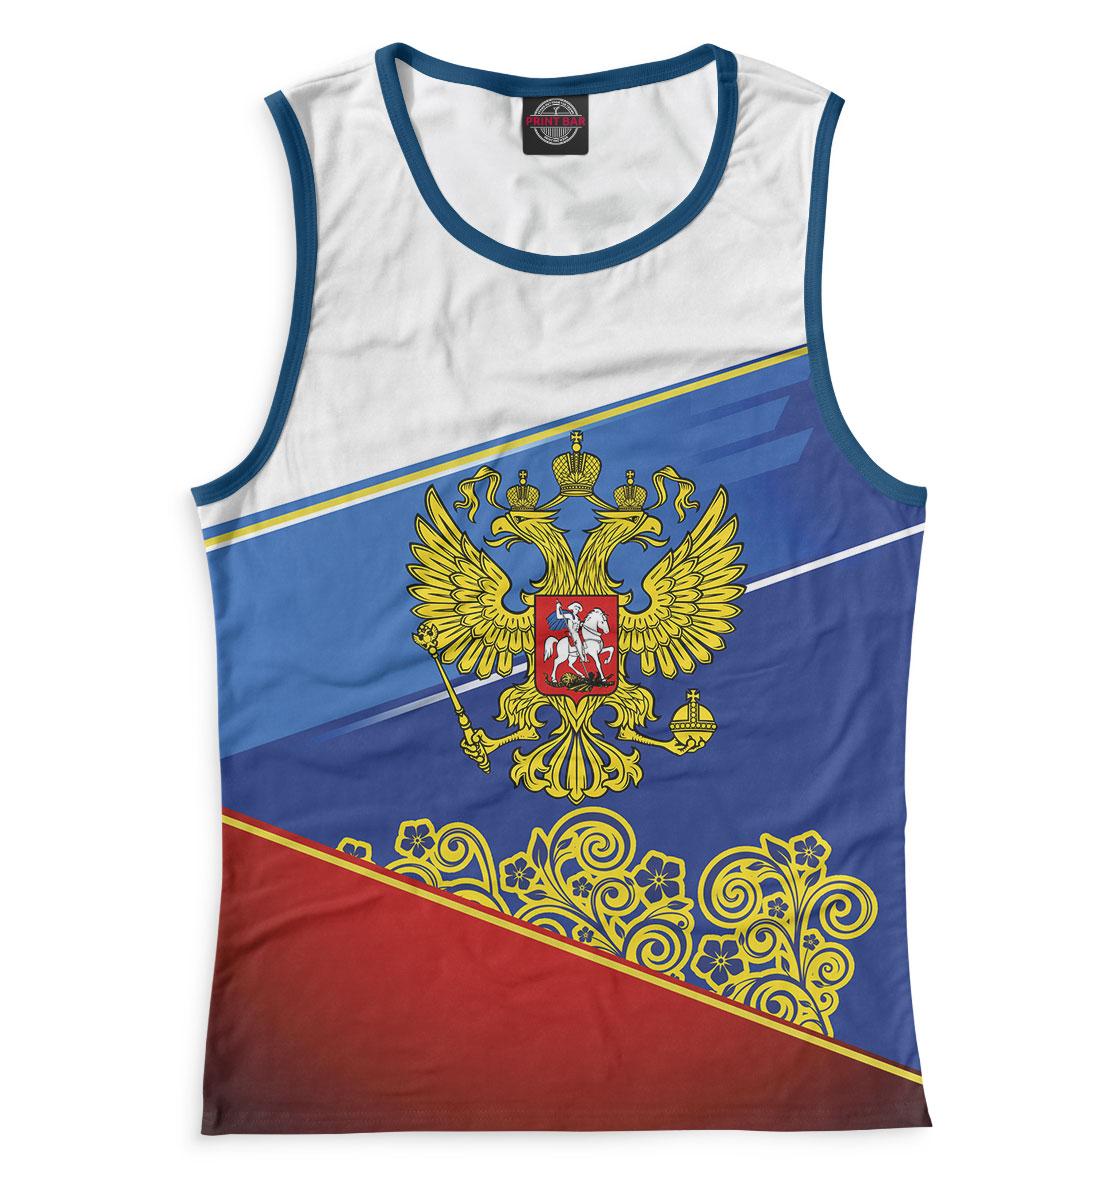 Купить Сборная России, Printbar, Майки, FRF-990831-may-1